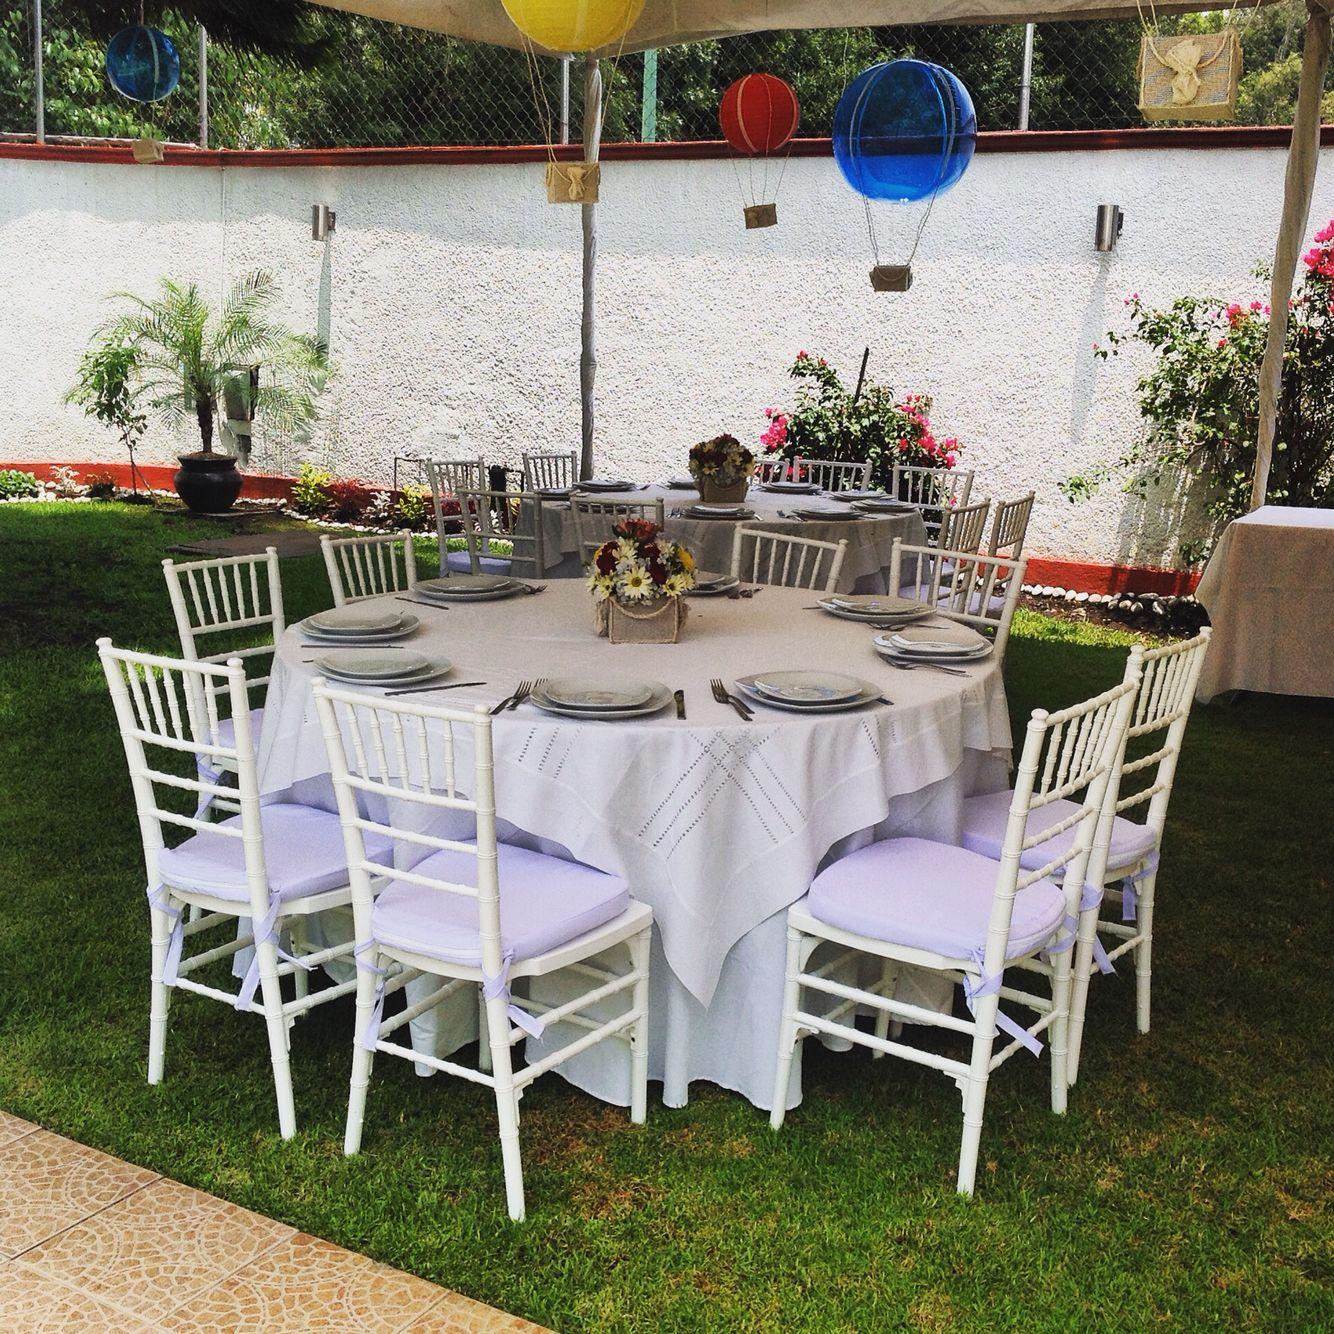 Mesa redonda con silla tiffany baptism fiestas con for Mesas redondas plegables para eventos